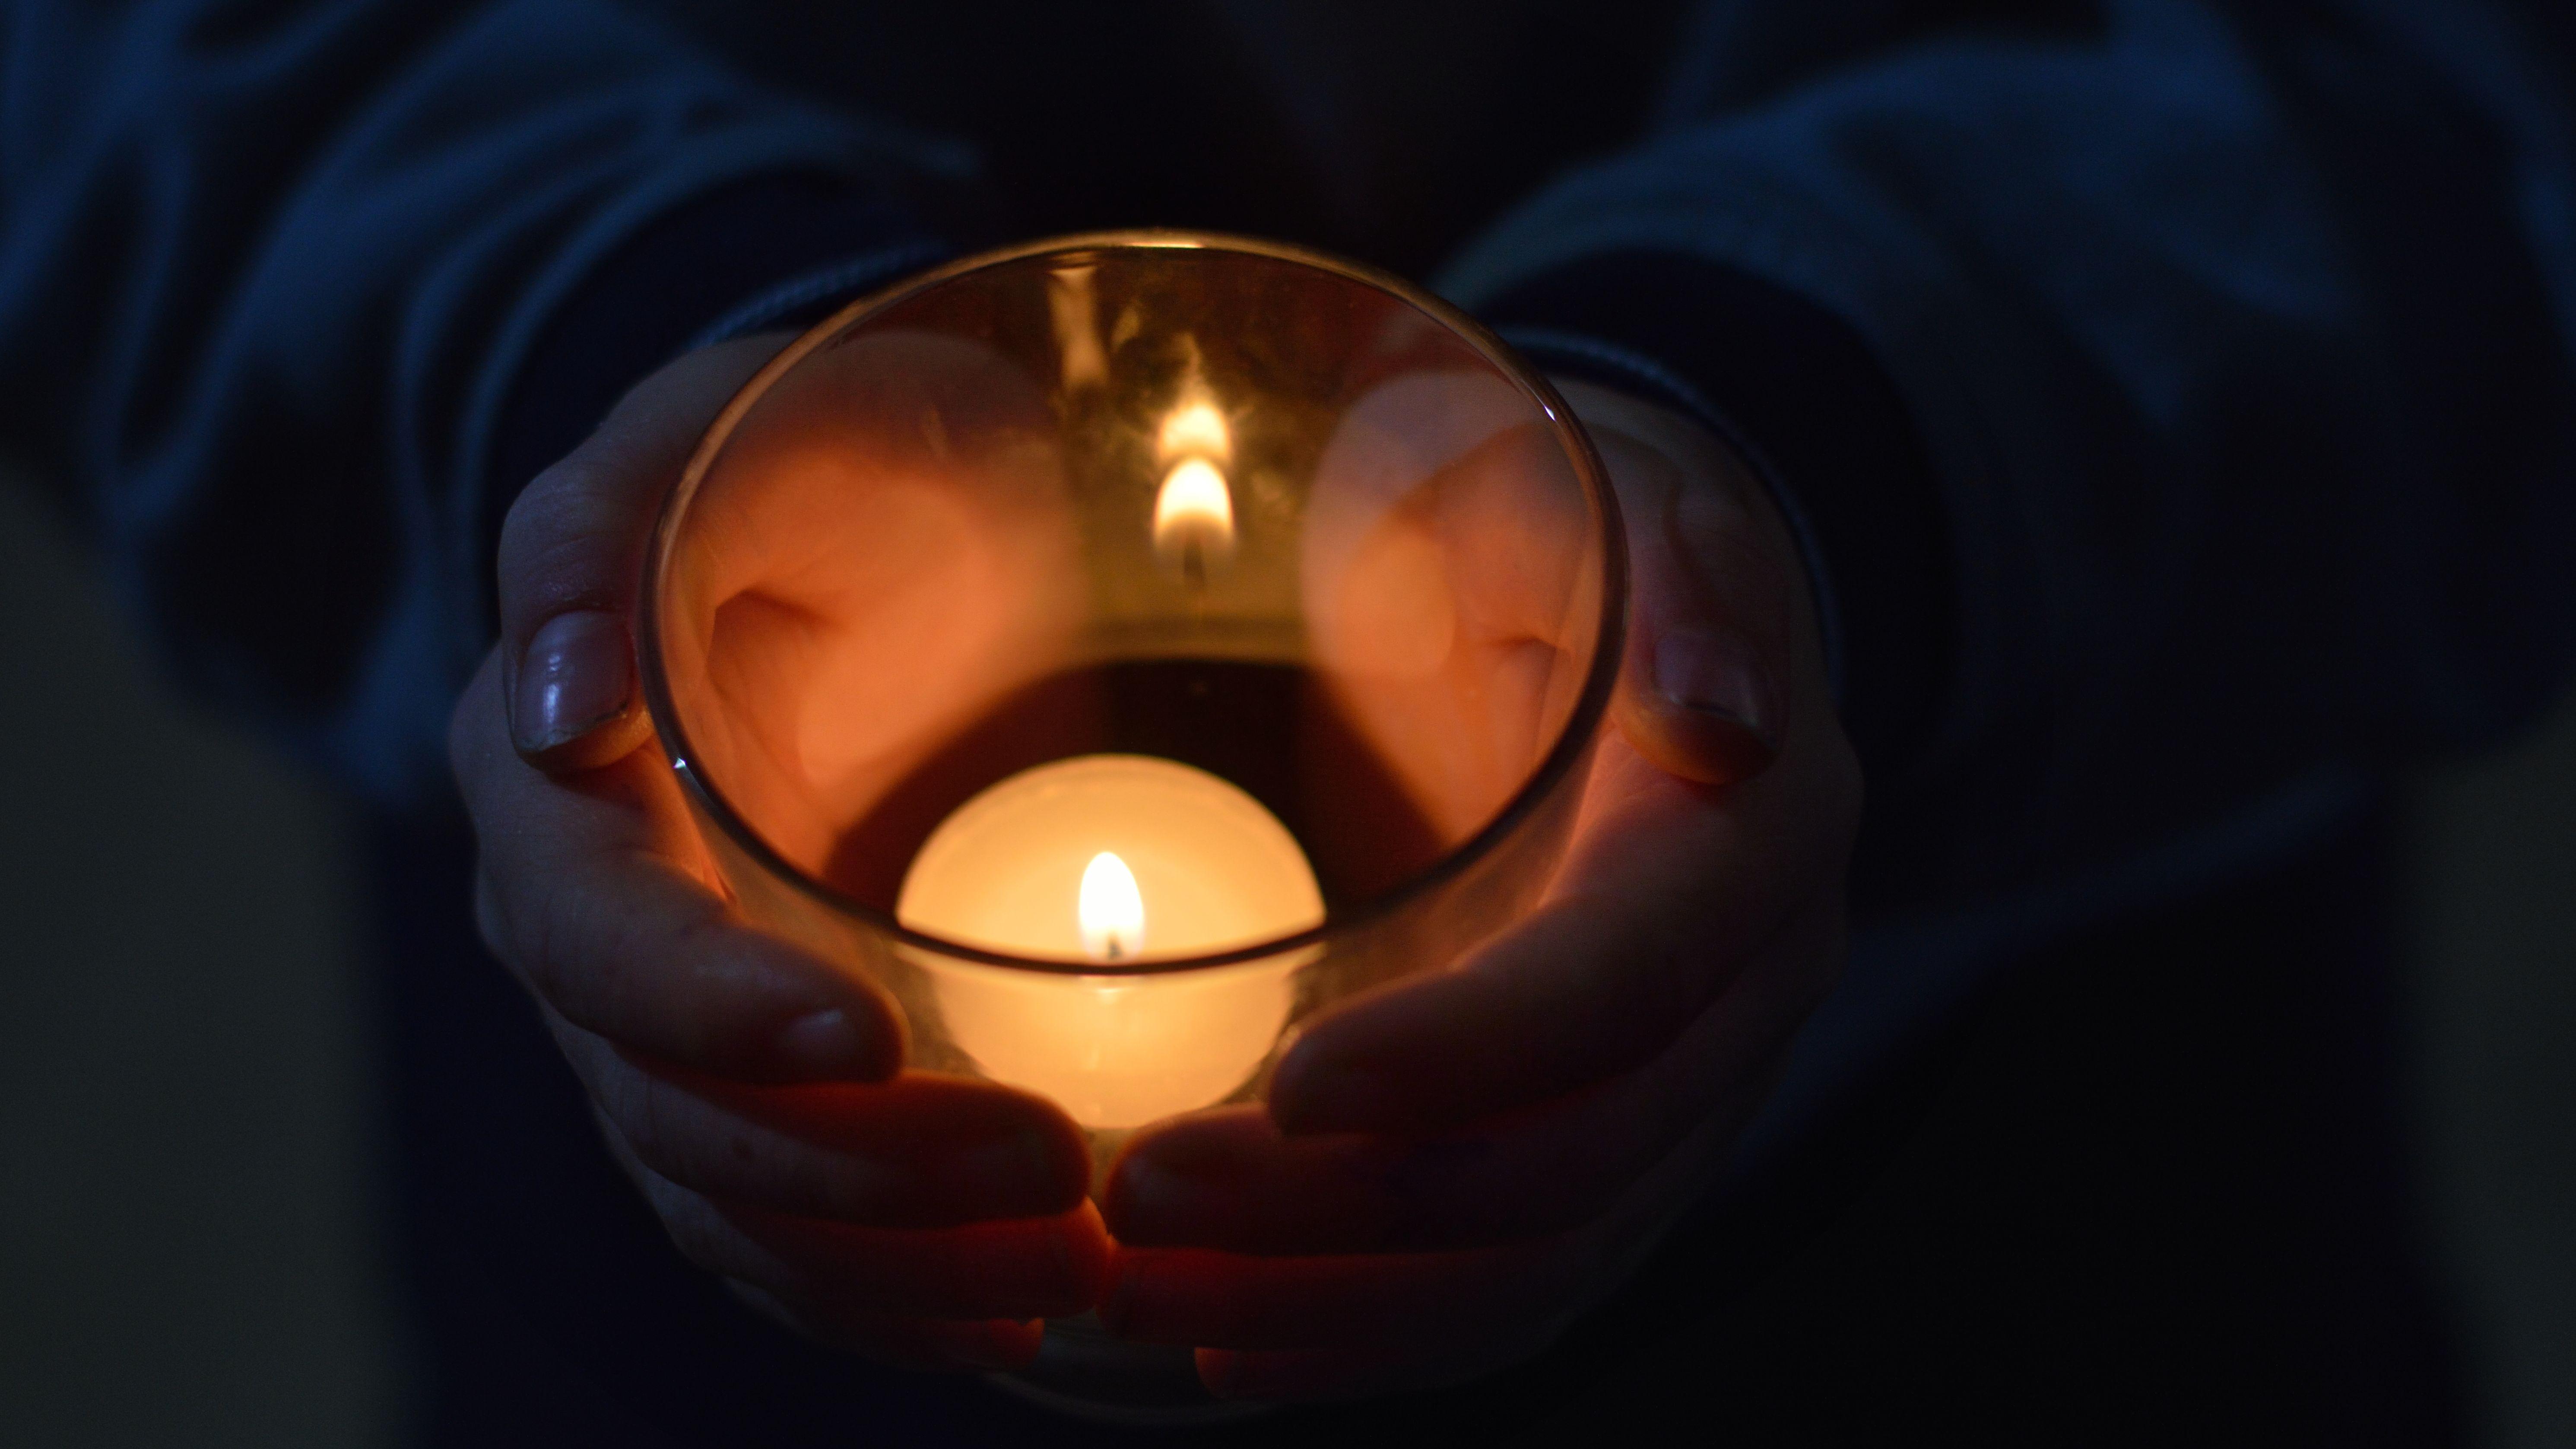 Brennende Kerze im Glas